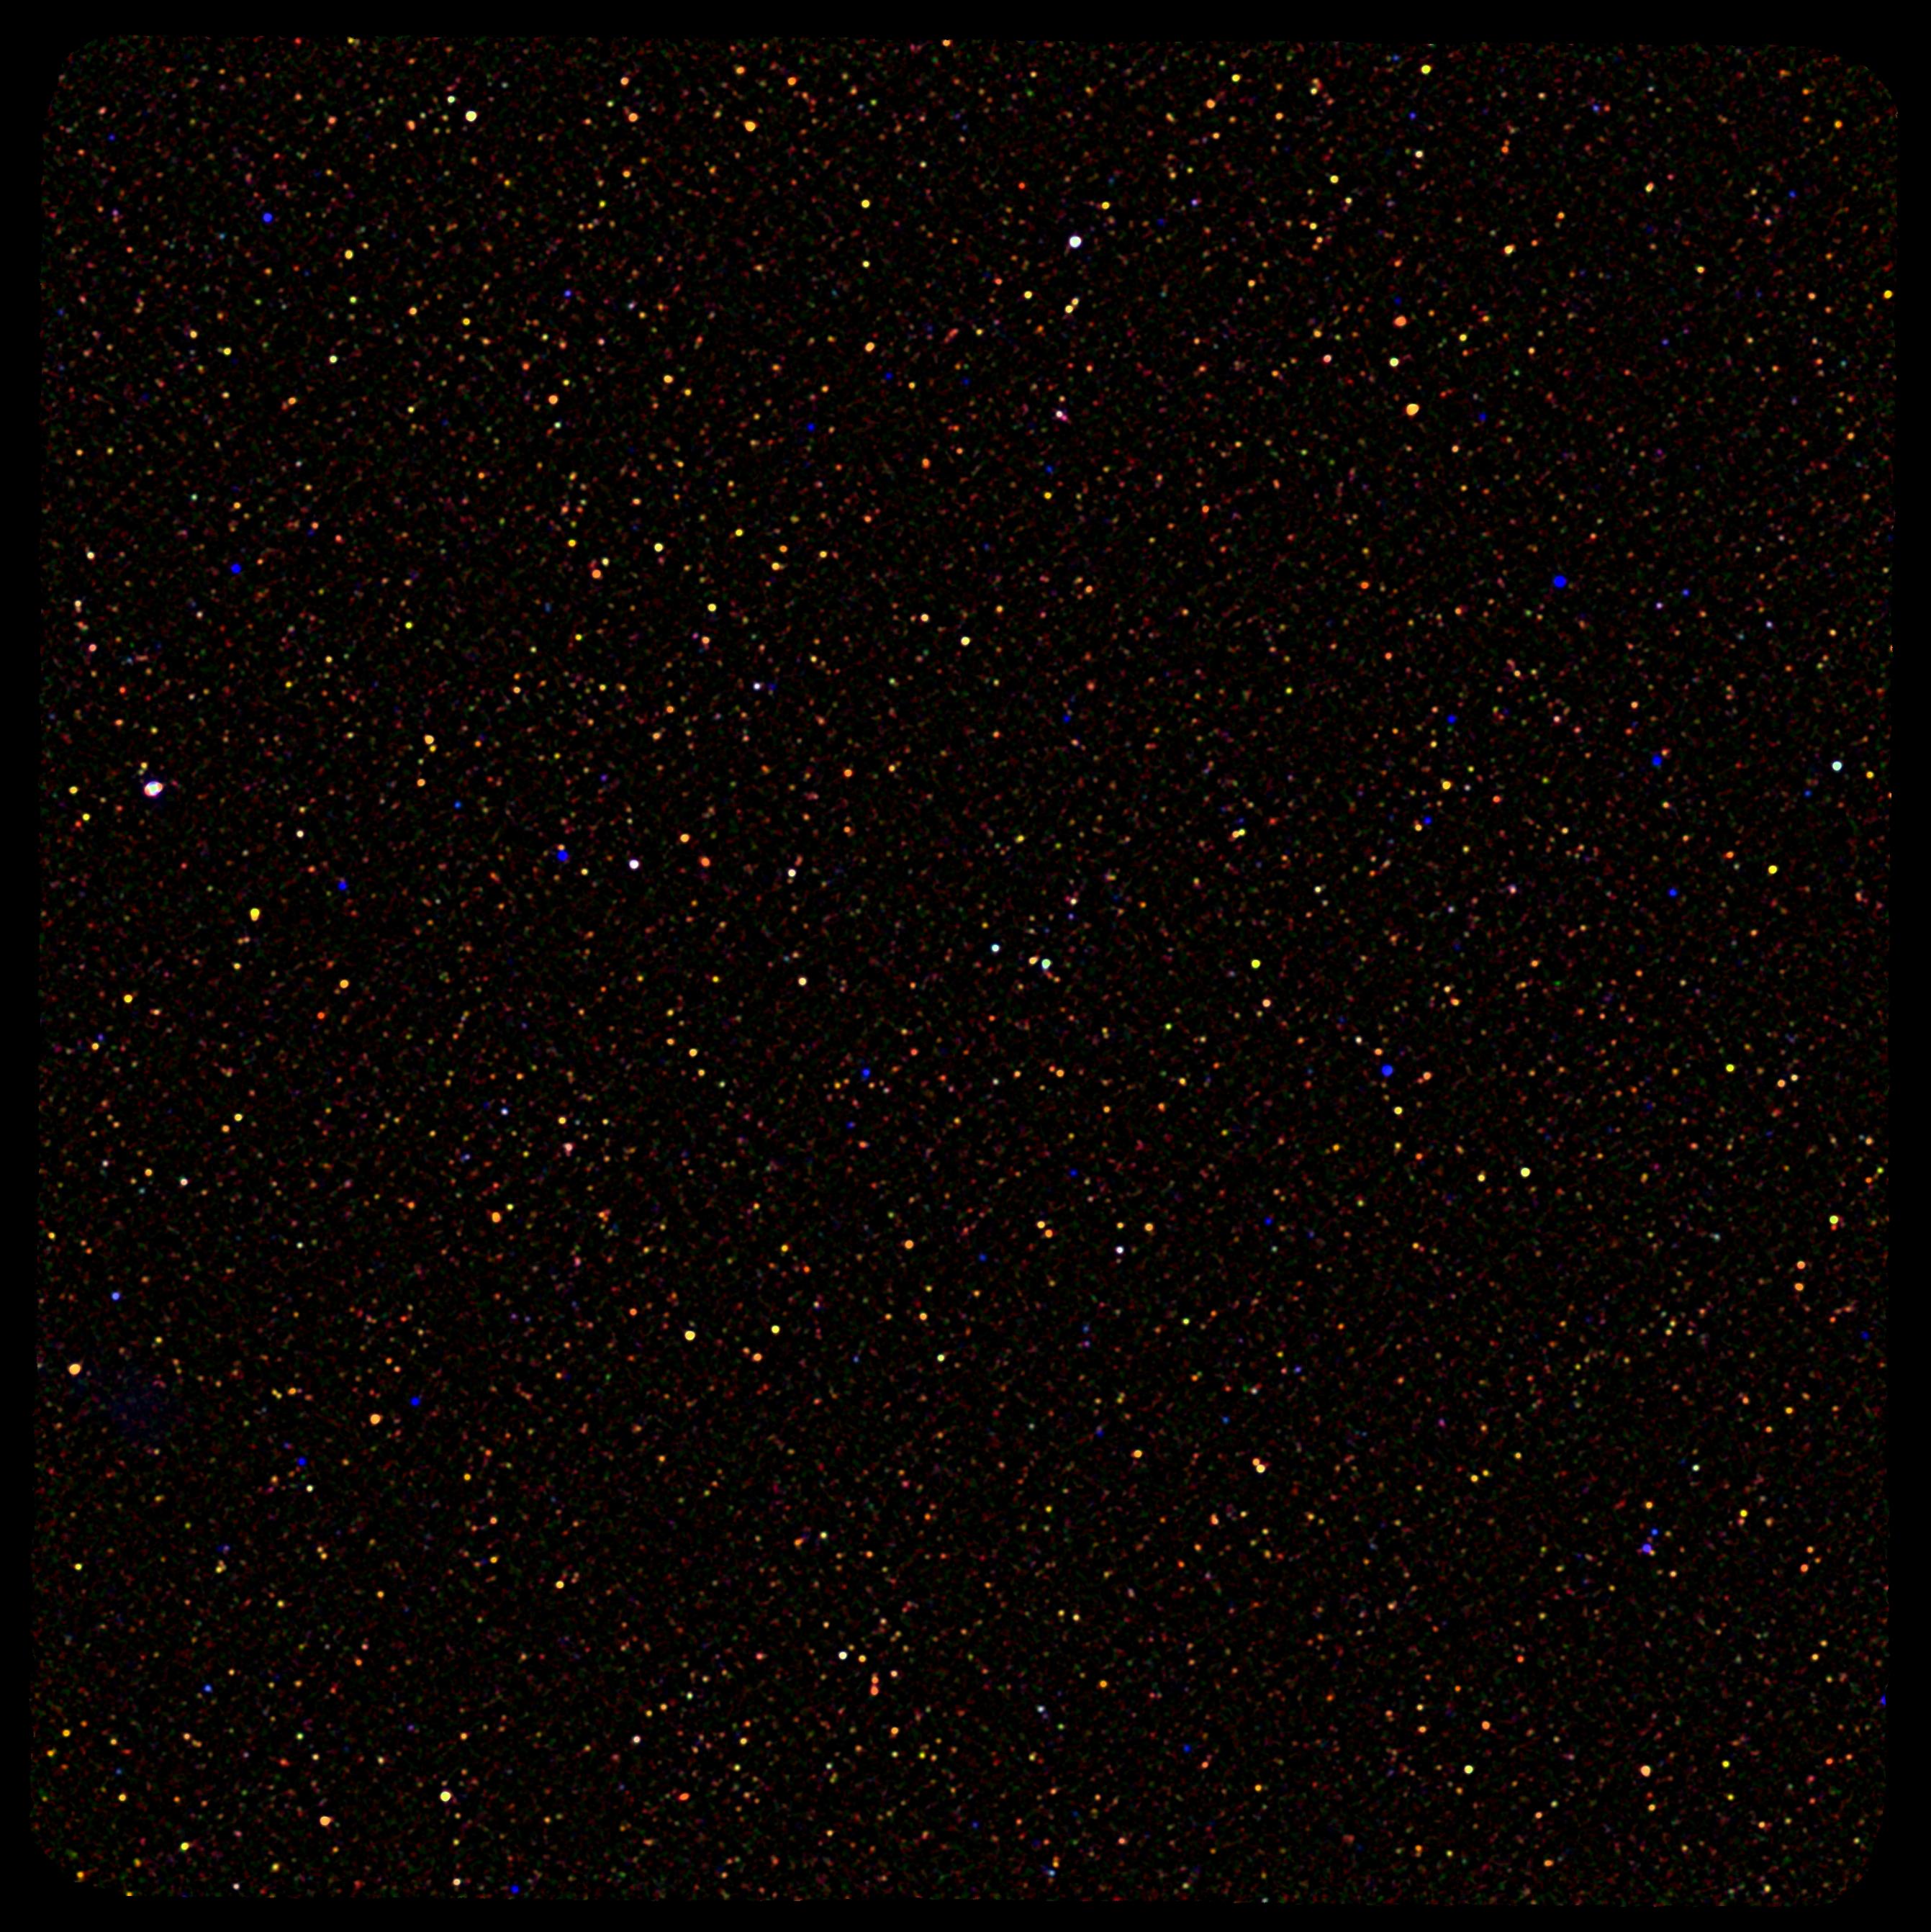 1567216842761-Herschel_COSMOS.jpg